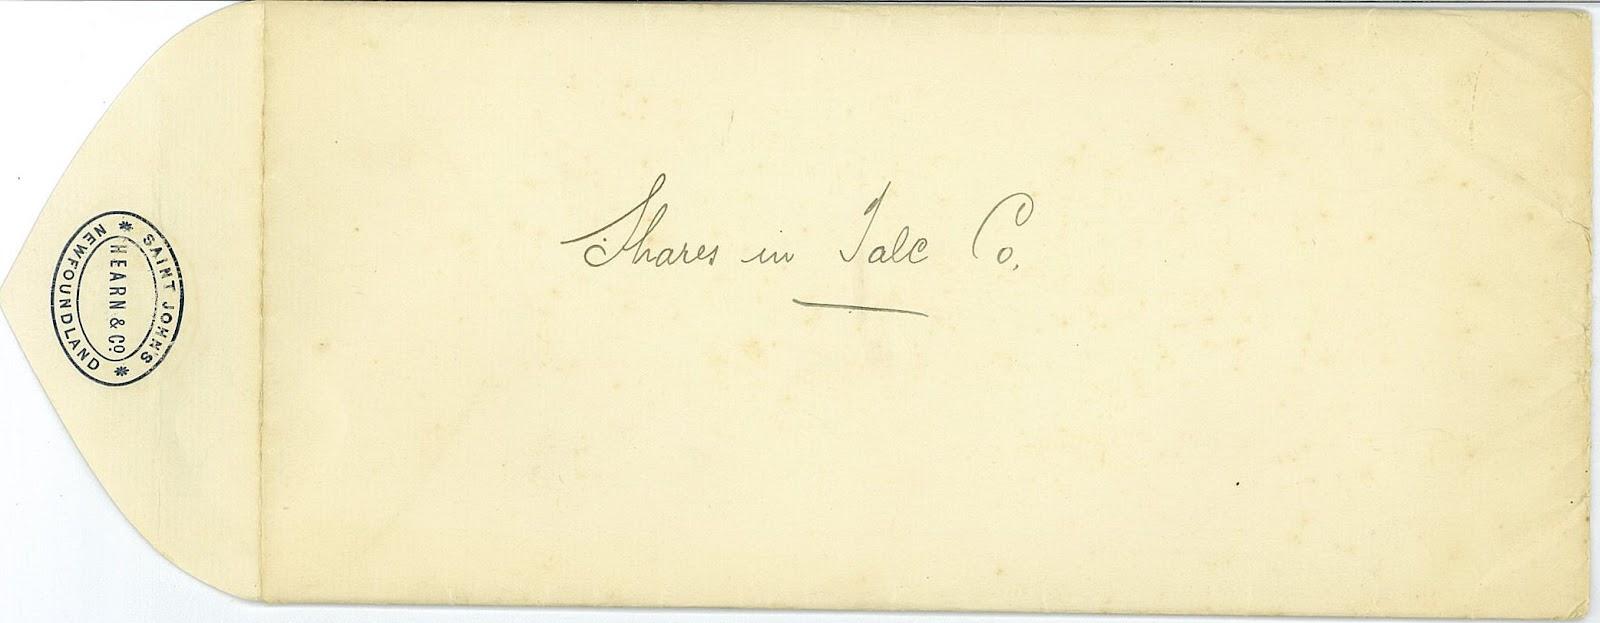 Trans At. Talc - envelope - 039.jpg